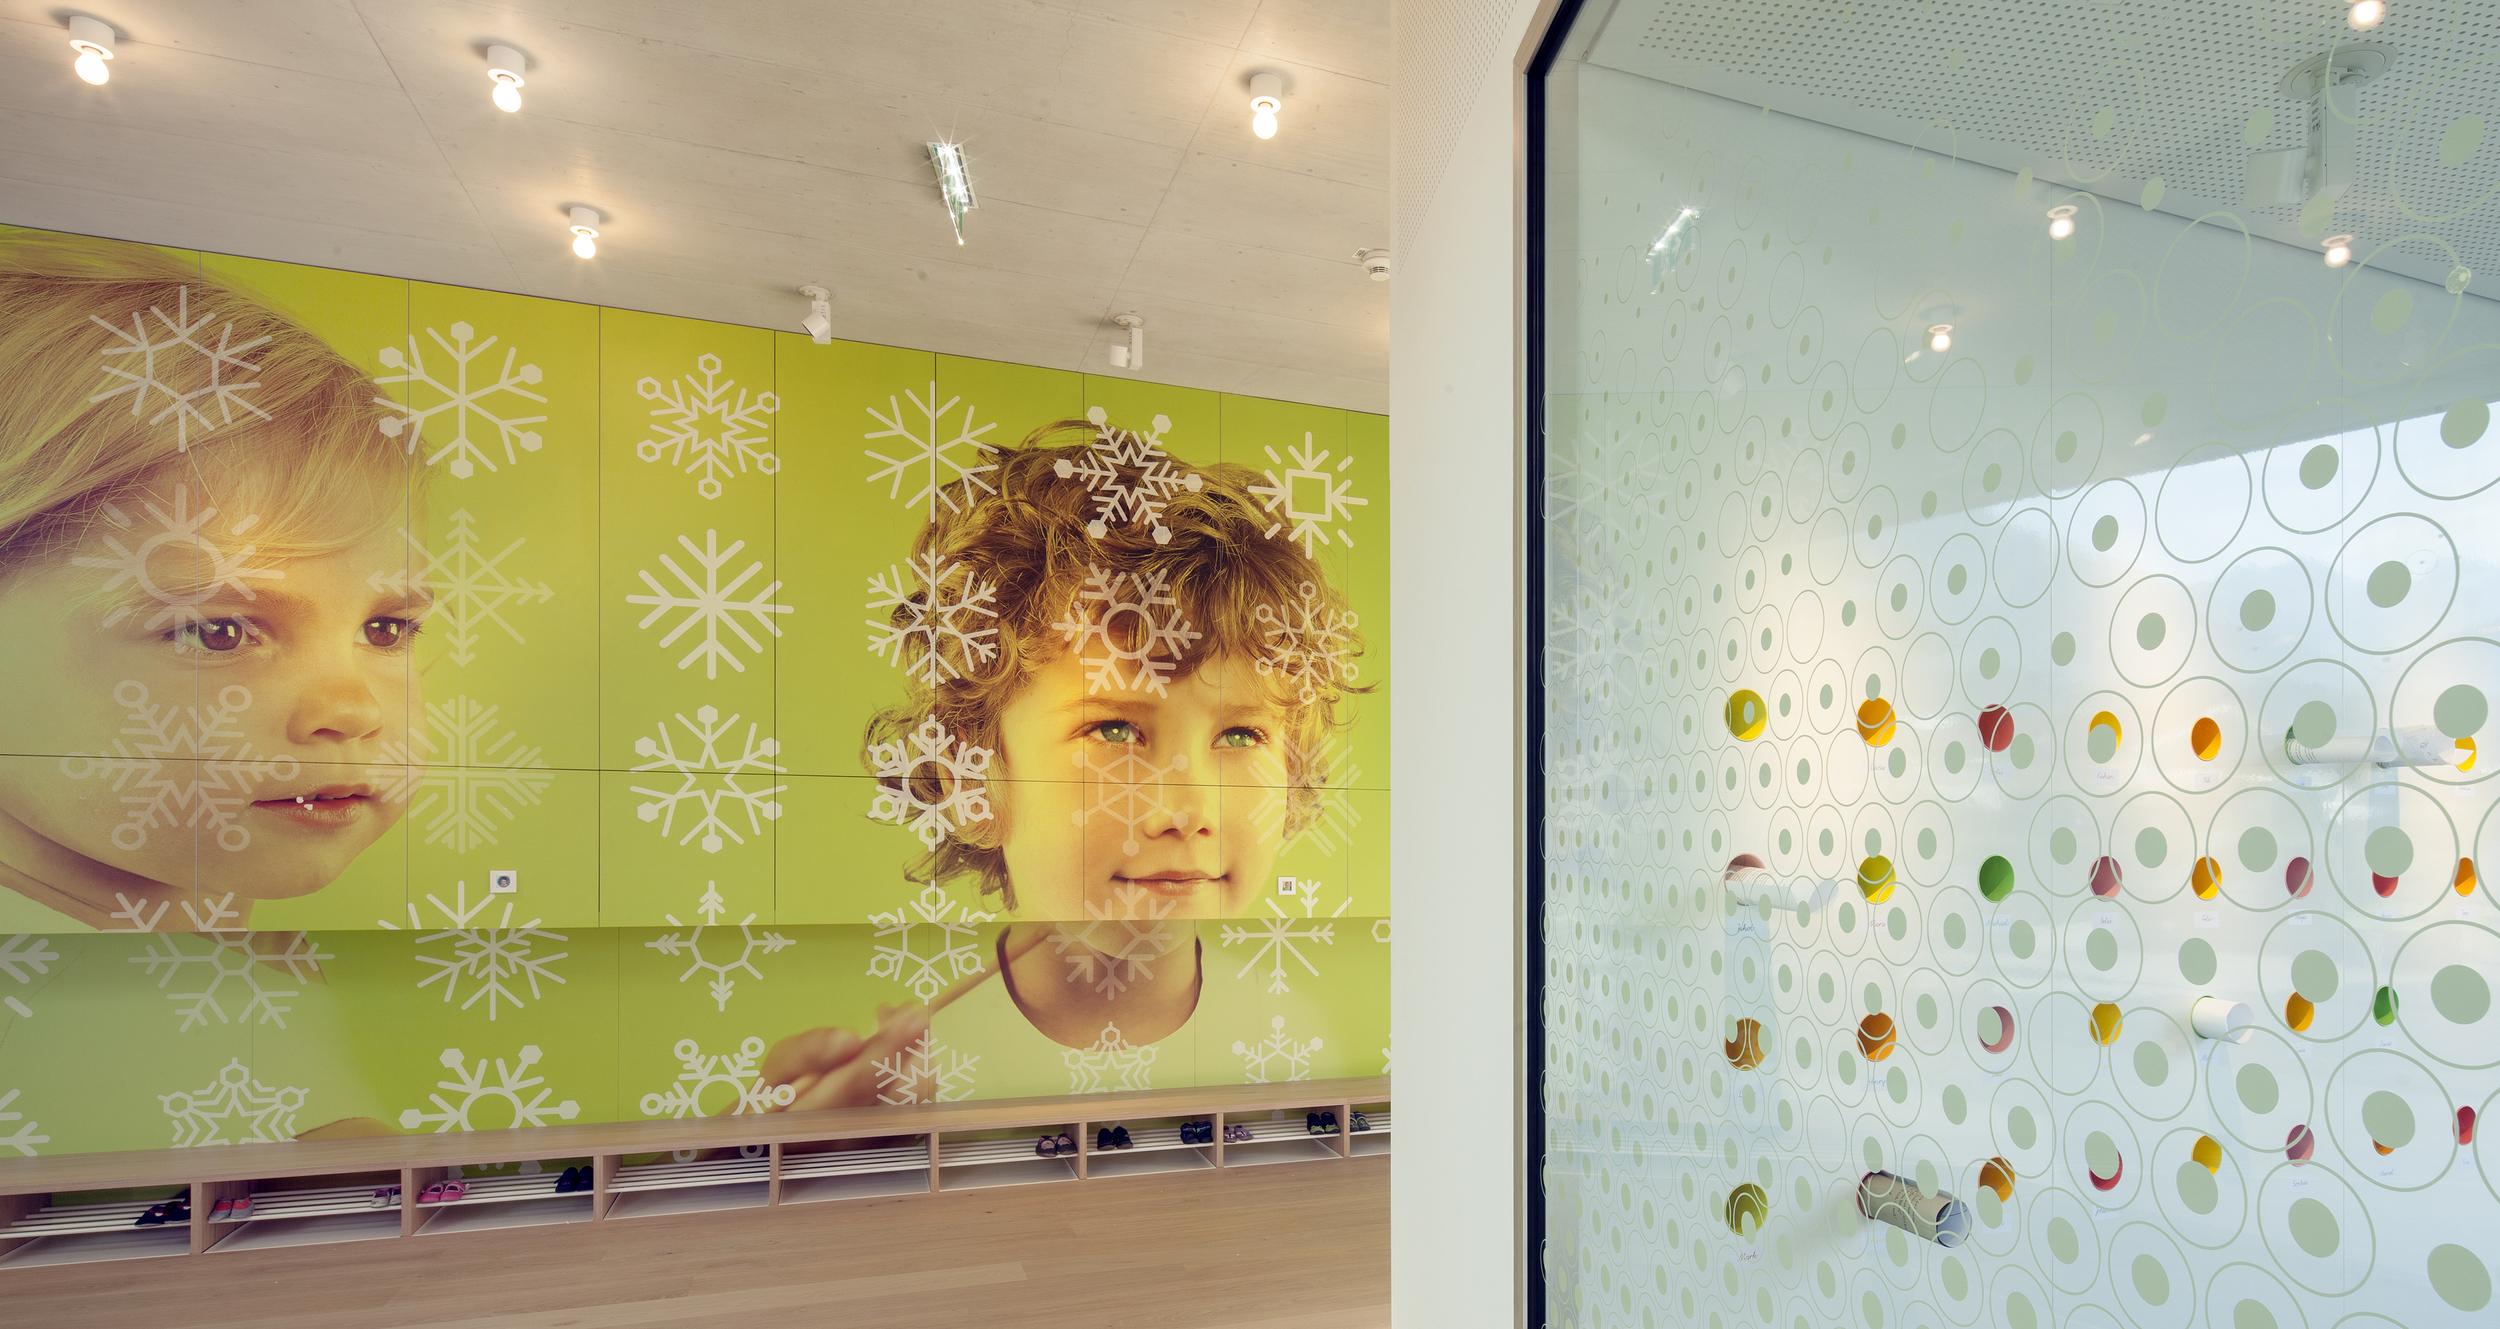 drdi kristallmäuse_foyer eingang und garderobenwand.jpg